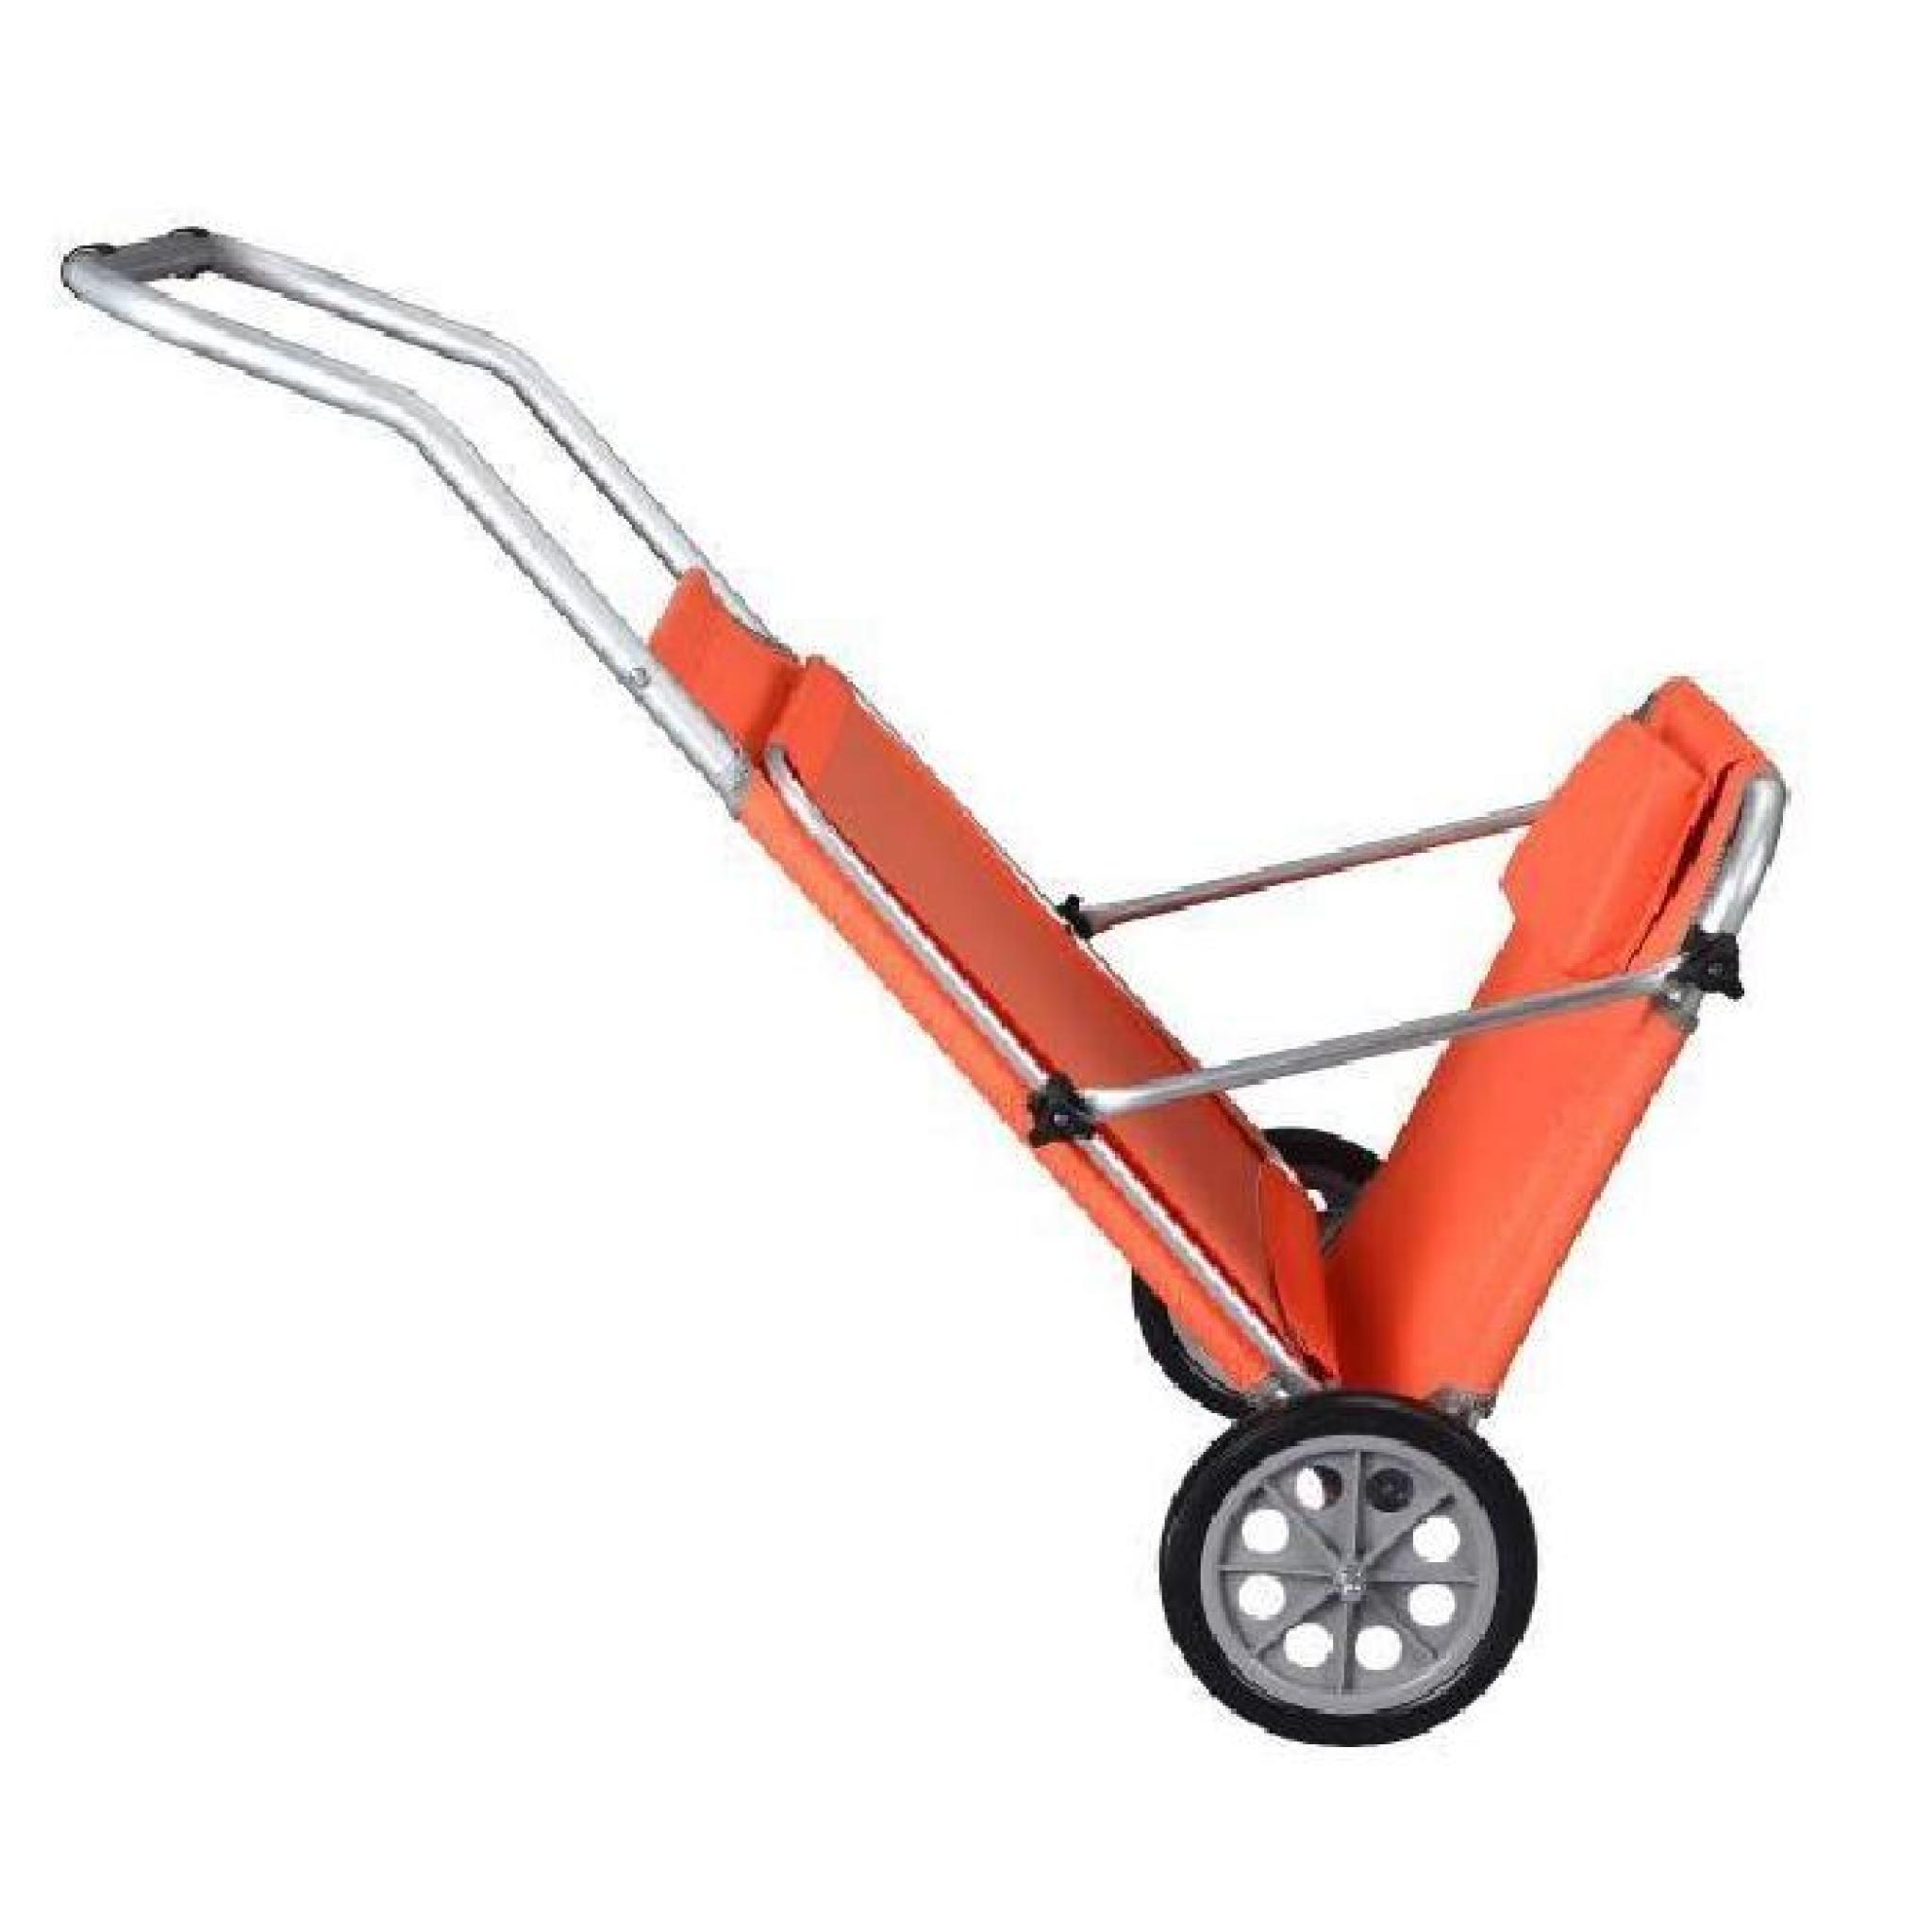 transat plage chaise longue roulettes malibu orange parasol integr chariot - Transat De Plage